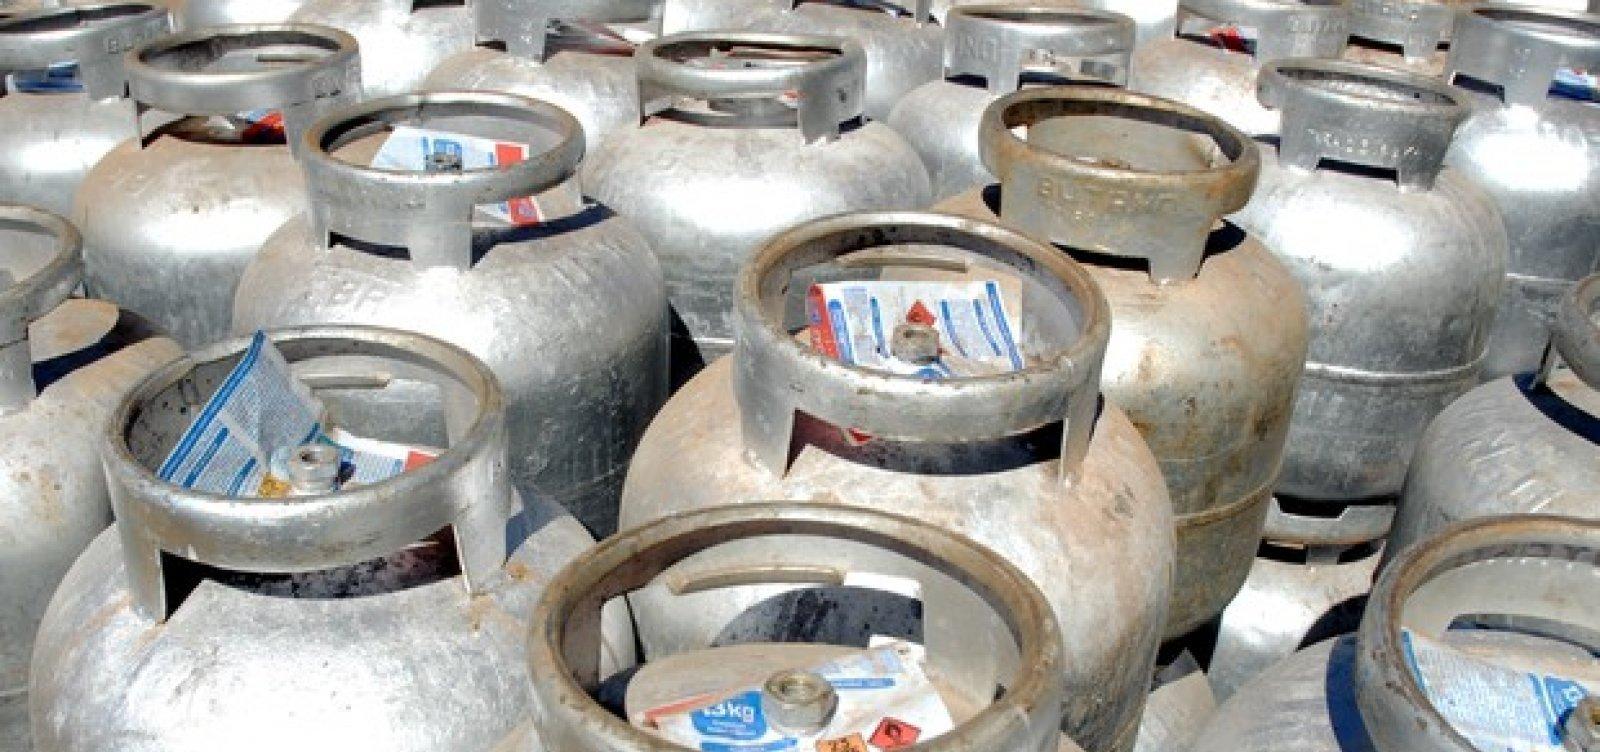 [Petrobras diz que vai doar dez mil botijões de gás a comunidades carentes]